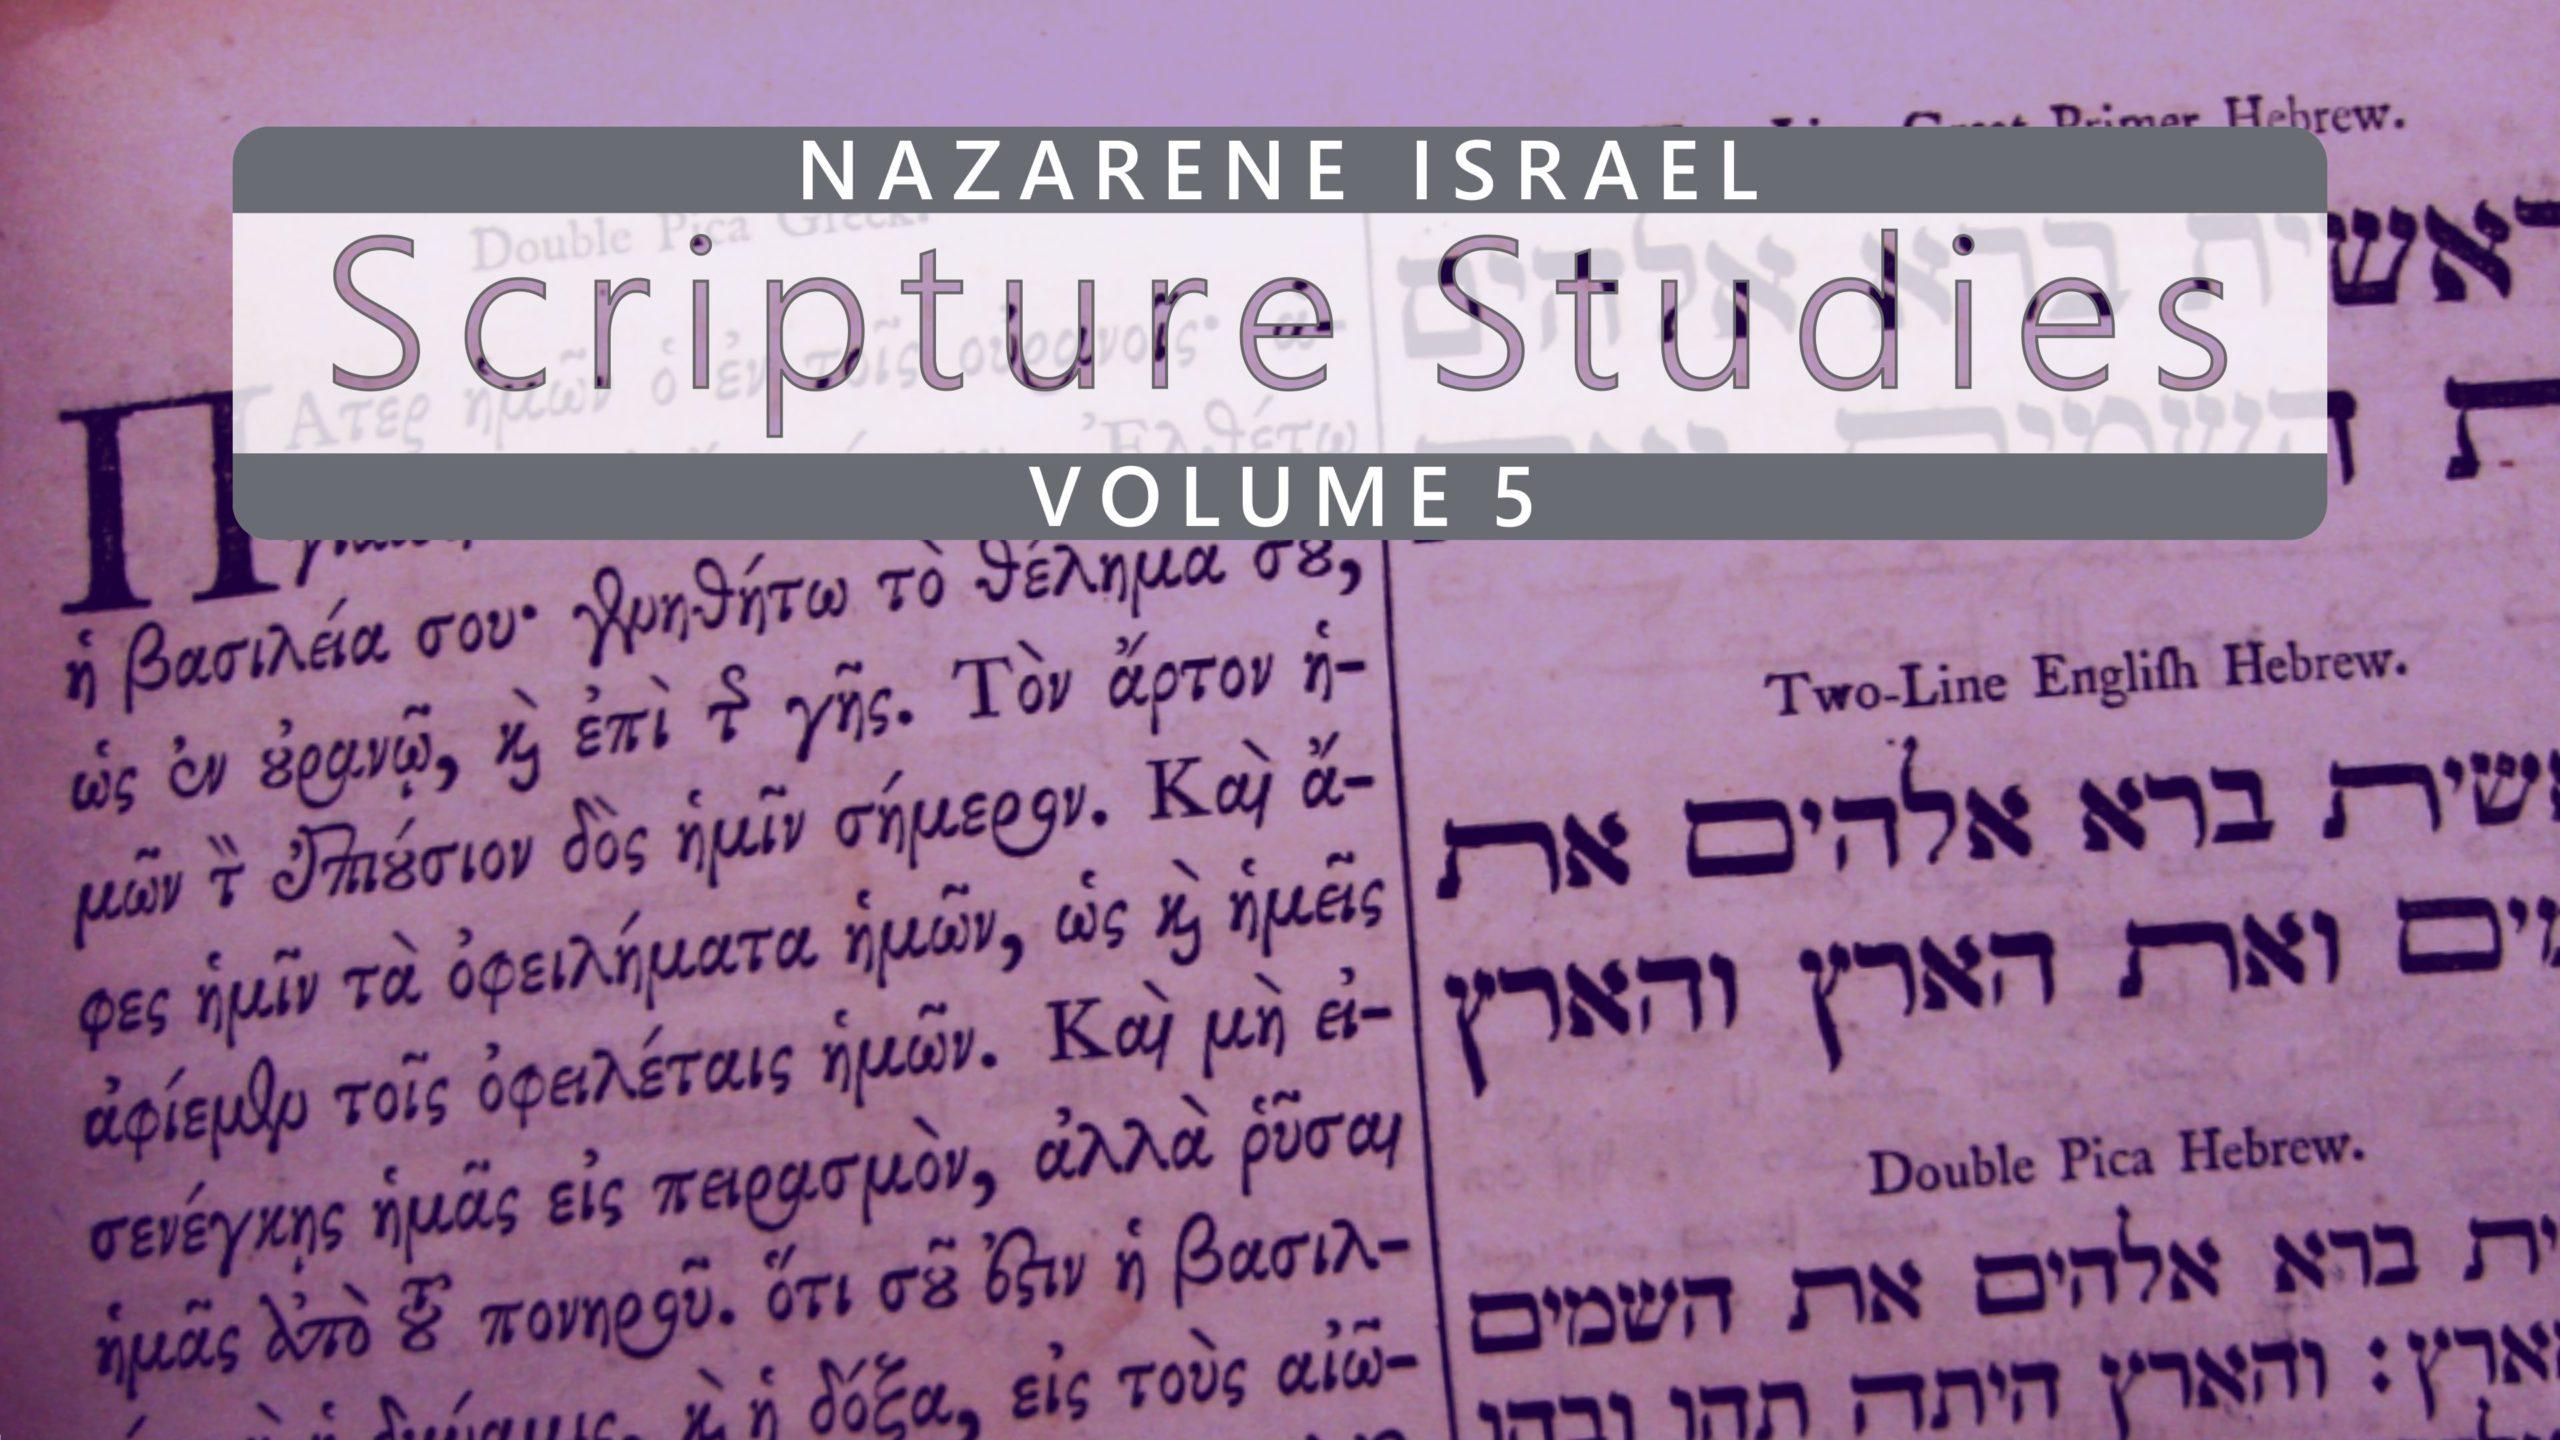 Nazarene Scripture Studies Vol. 5